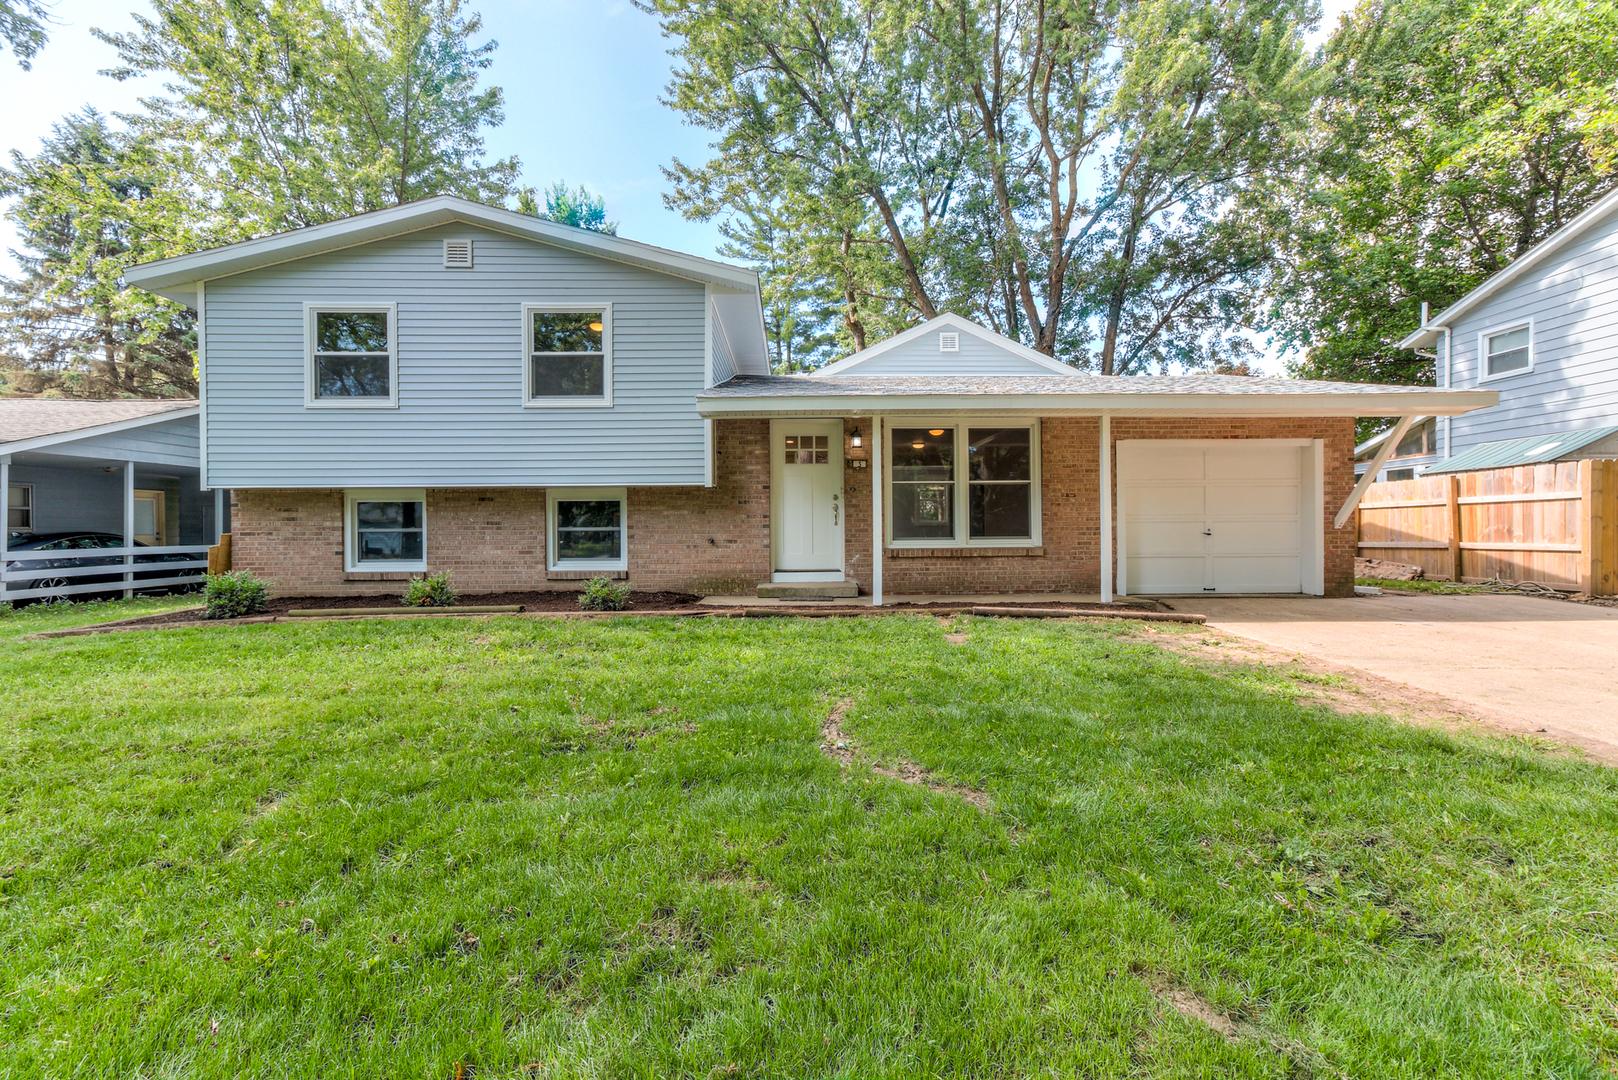 3 Mcdonald Court, Champaign in Champaign County, IL 61821 Home for Sale